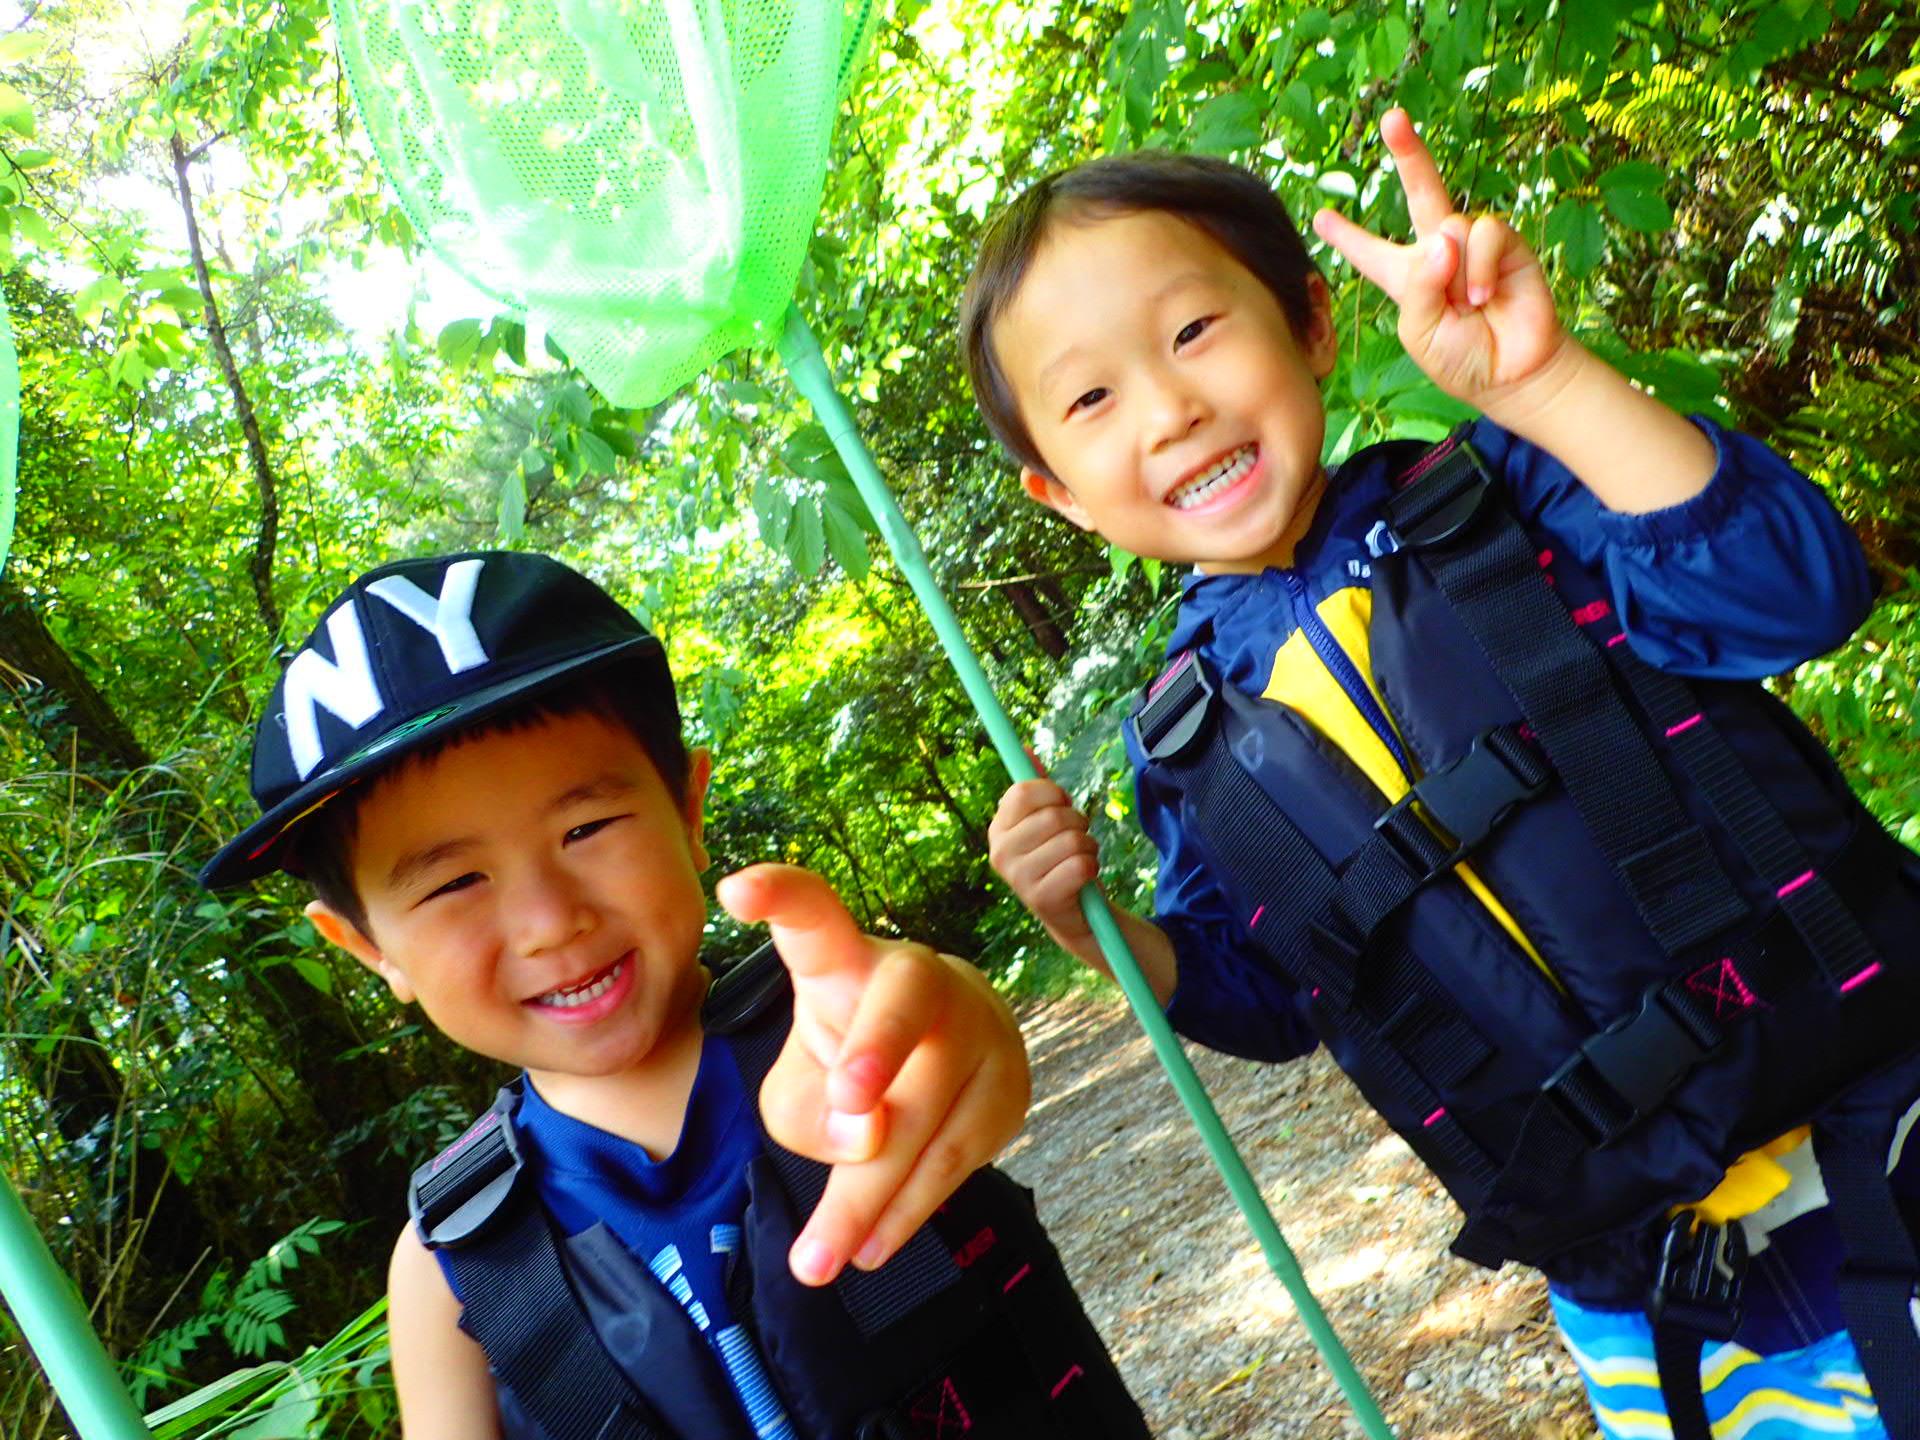 沖縄のやんばるでリバートレッキングツアーに参加する子ども